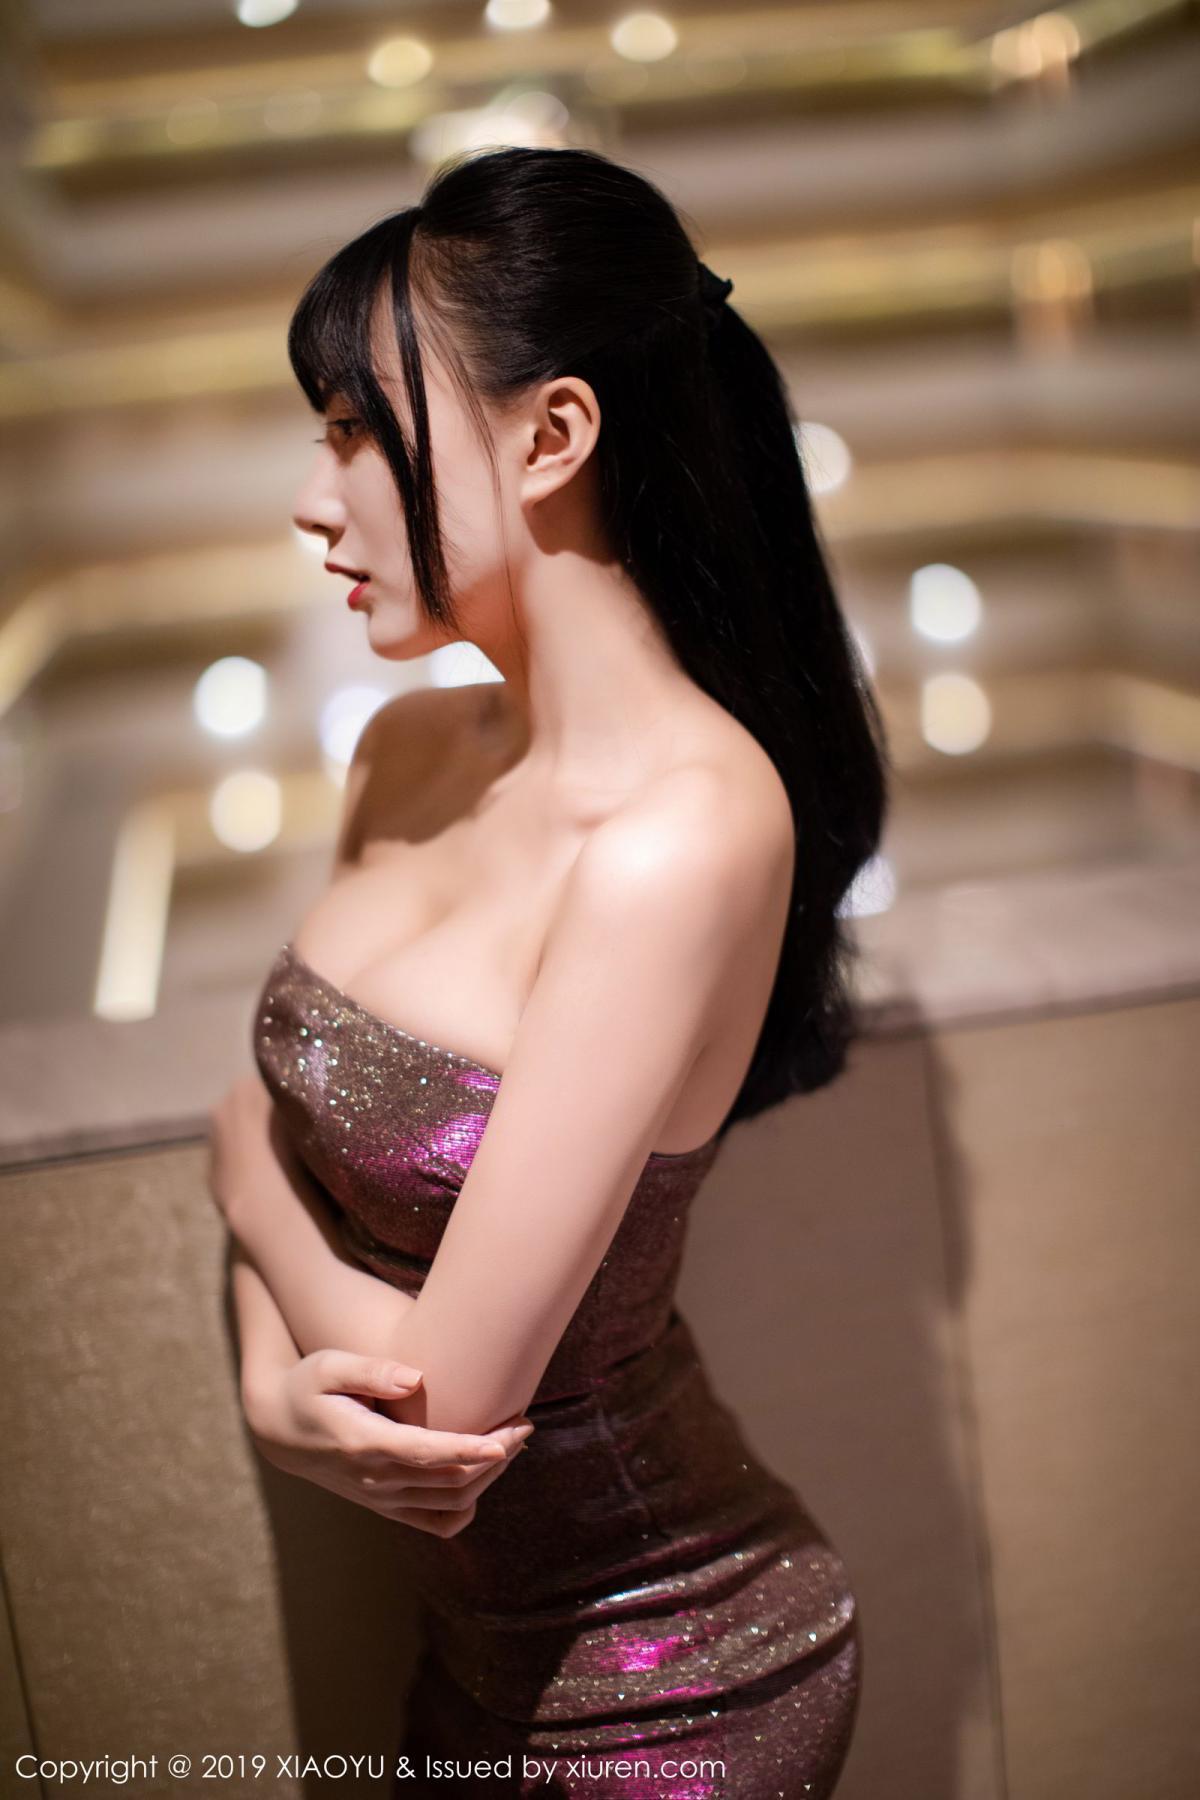 [XiaoYu] Vol.159 He Jia Ying 2P, He Jia Ying, Tall, XiaoYu